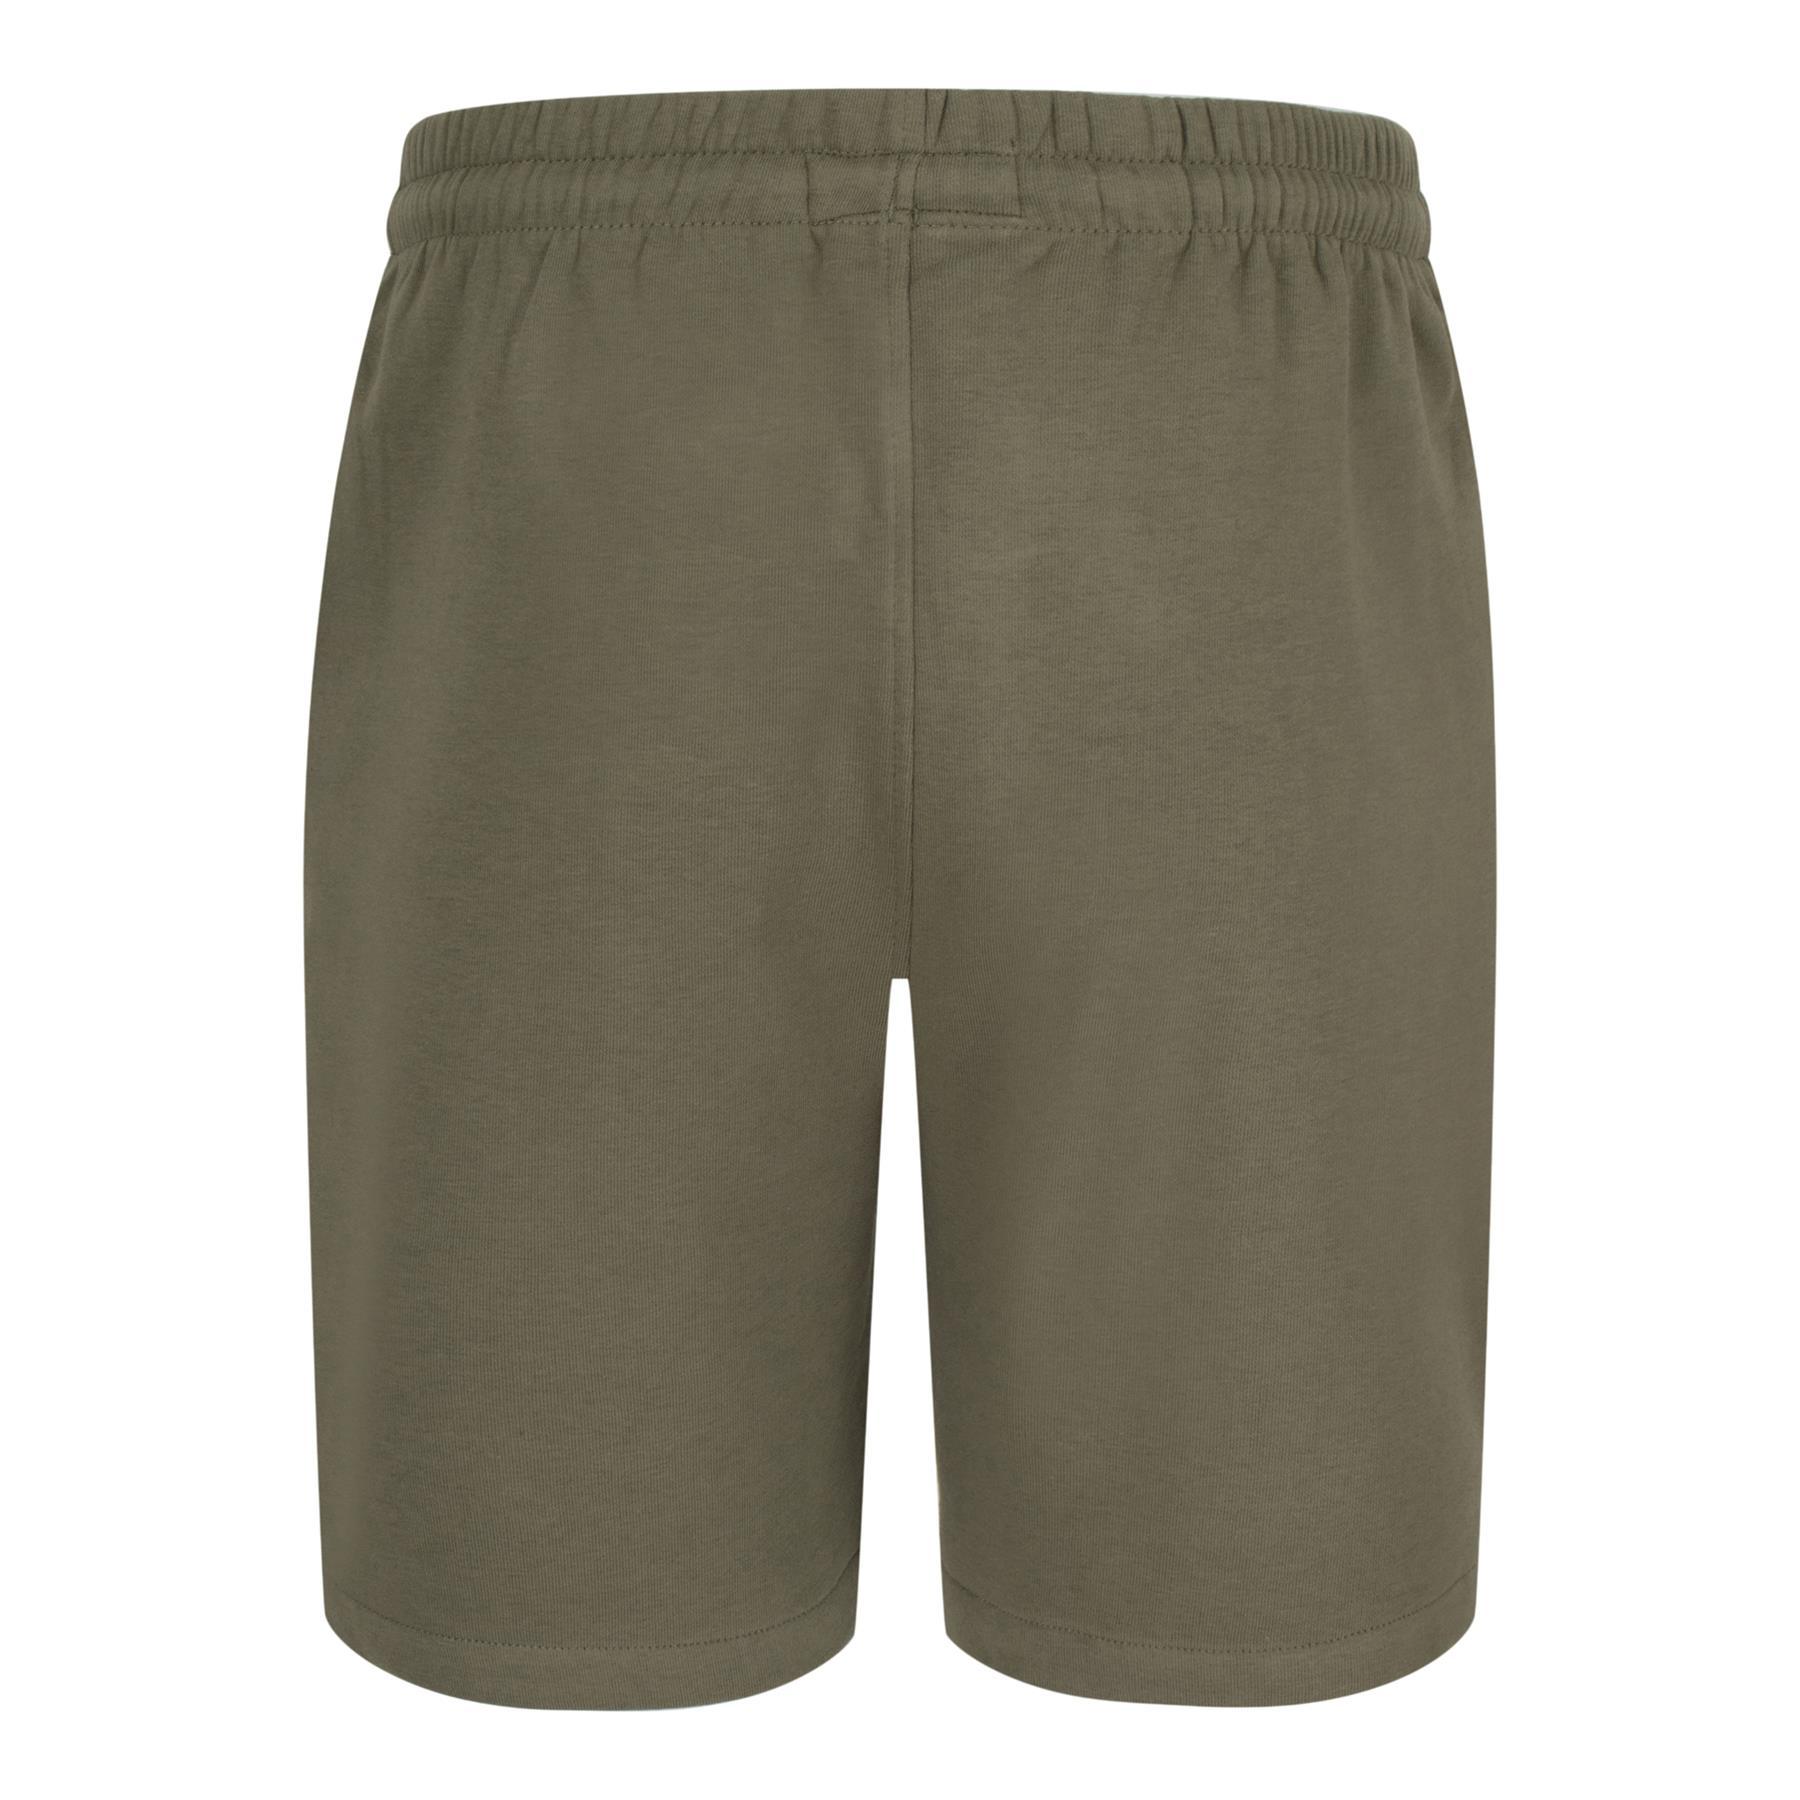 Garcons-Enfants-Jersey-Short-En-Coton-Ete-Decontracte-Premium-taille-elastique-Plage-Ete miniature 11